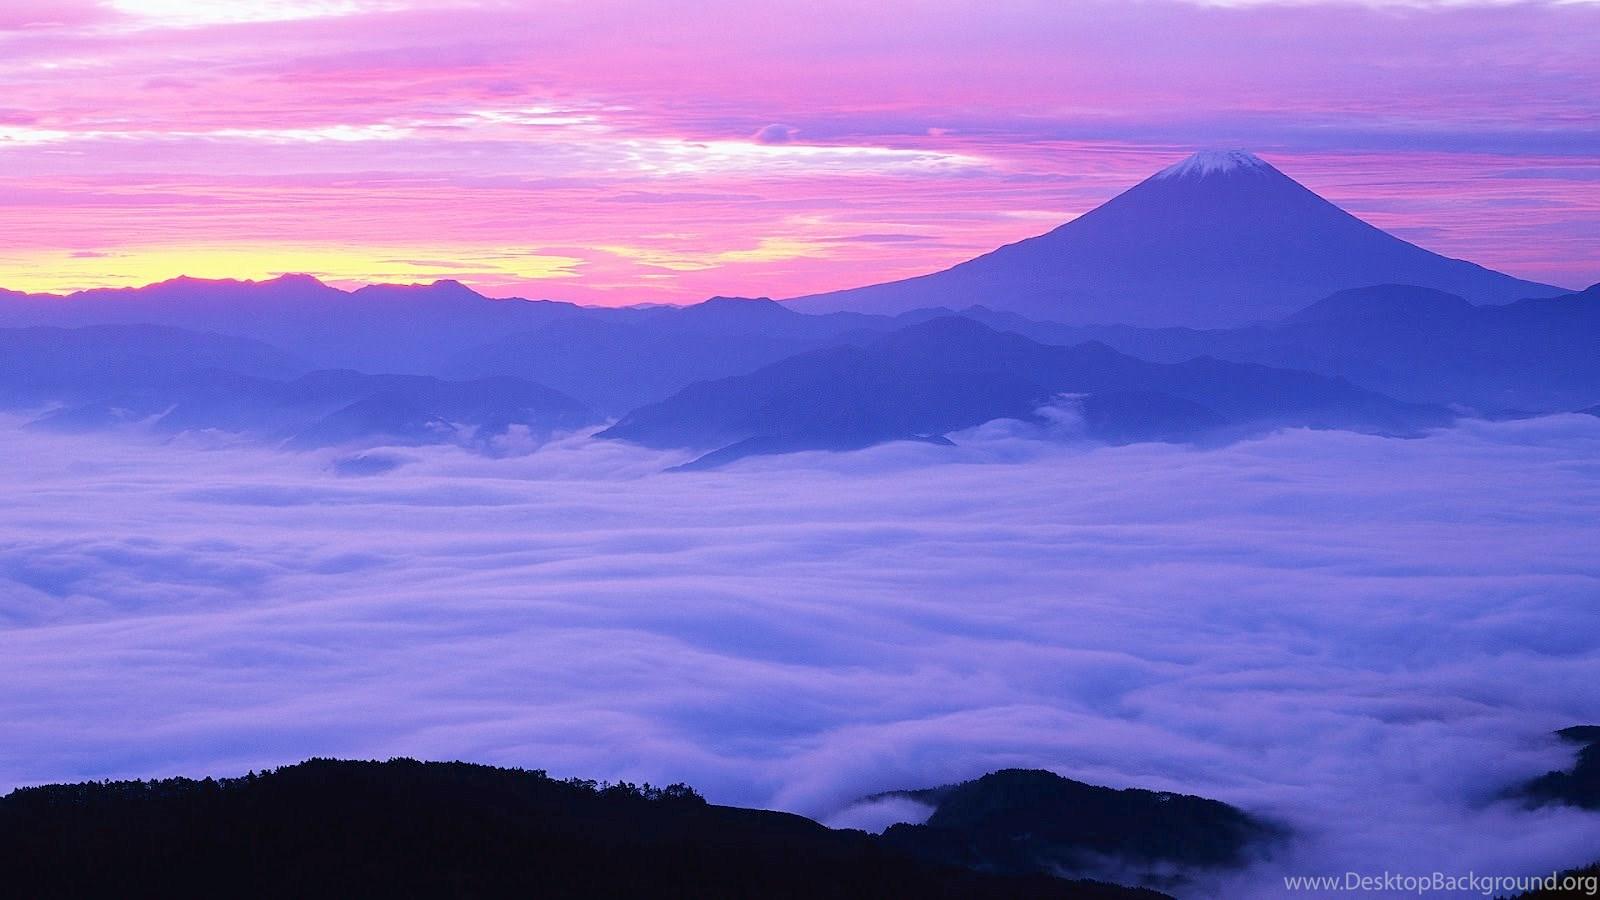 New Blog Pics Mt Fuji Wallpapers Hd Desktop Background